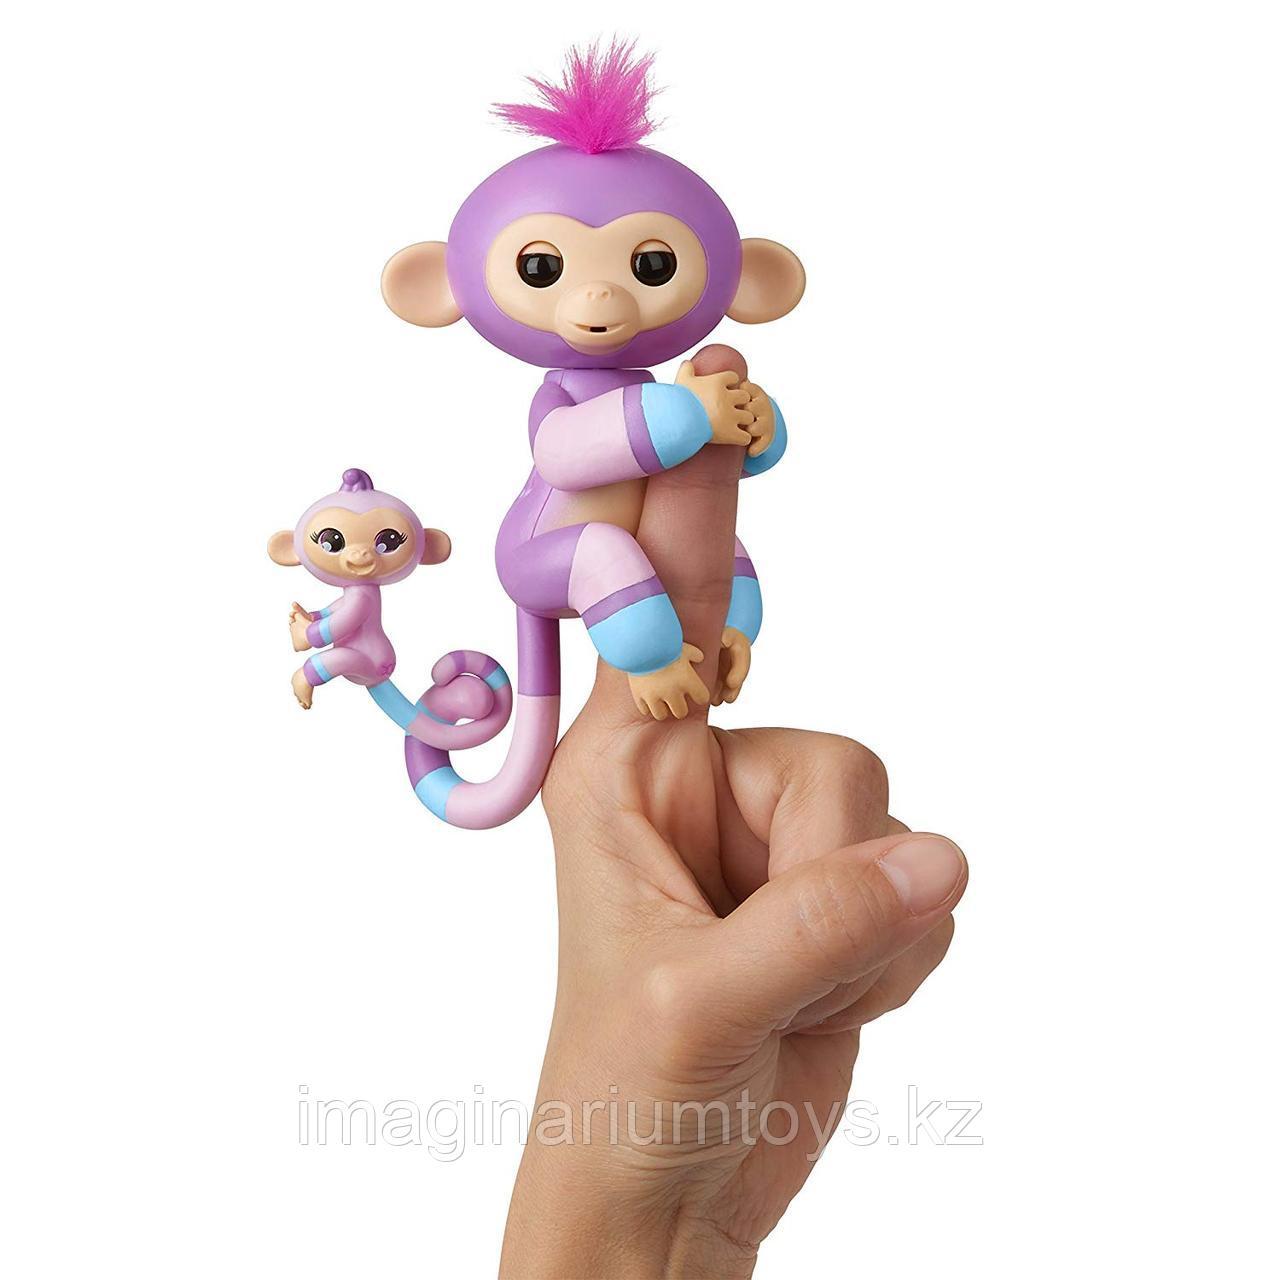 Интерактивные обезьянки Fingerlings двойные